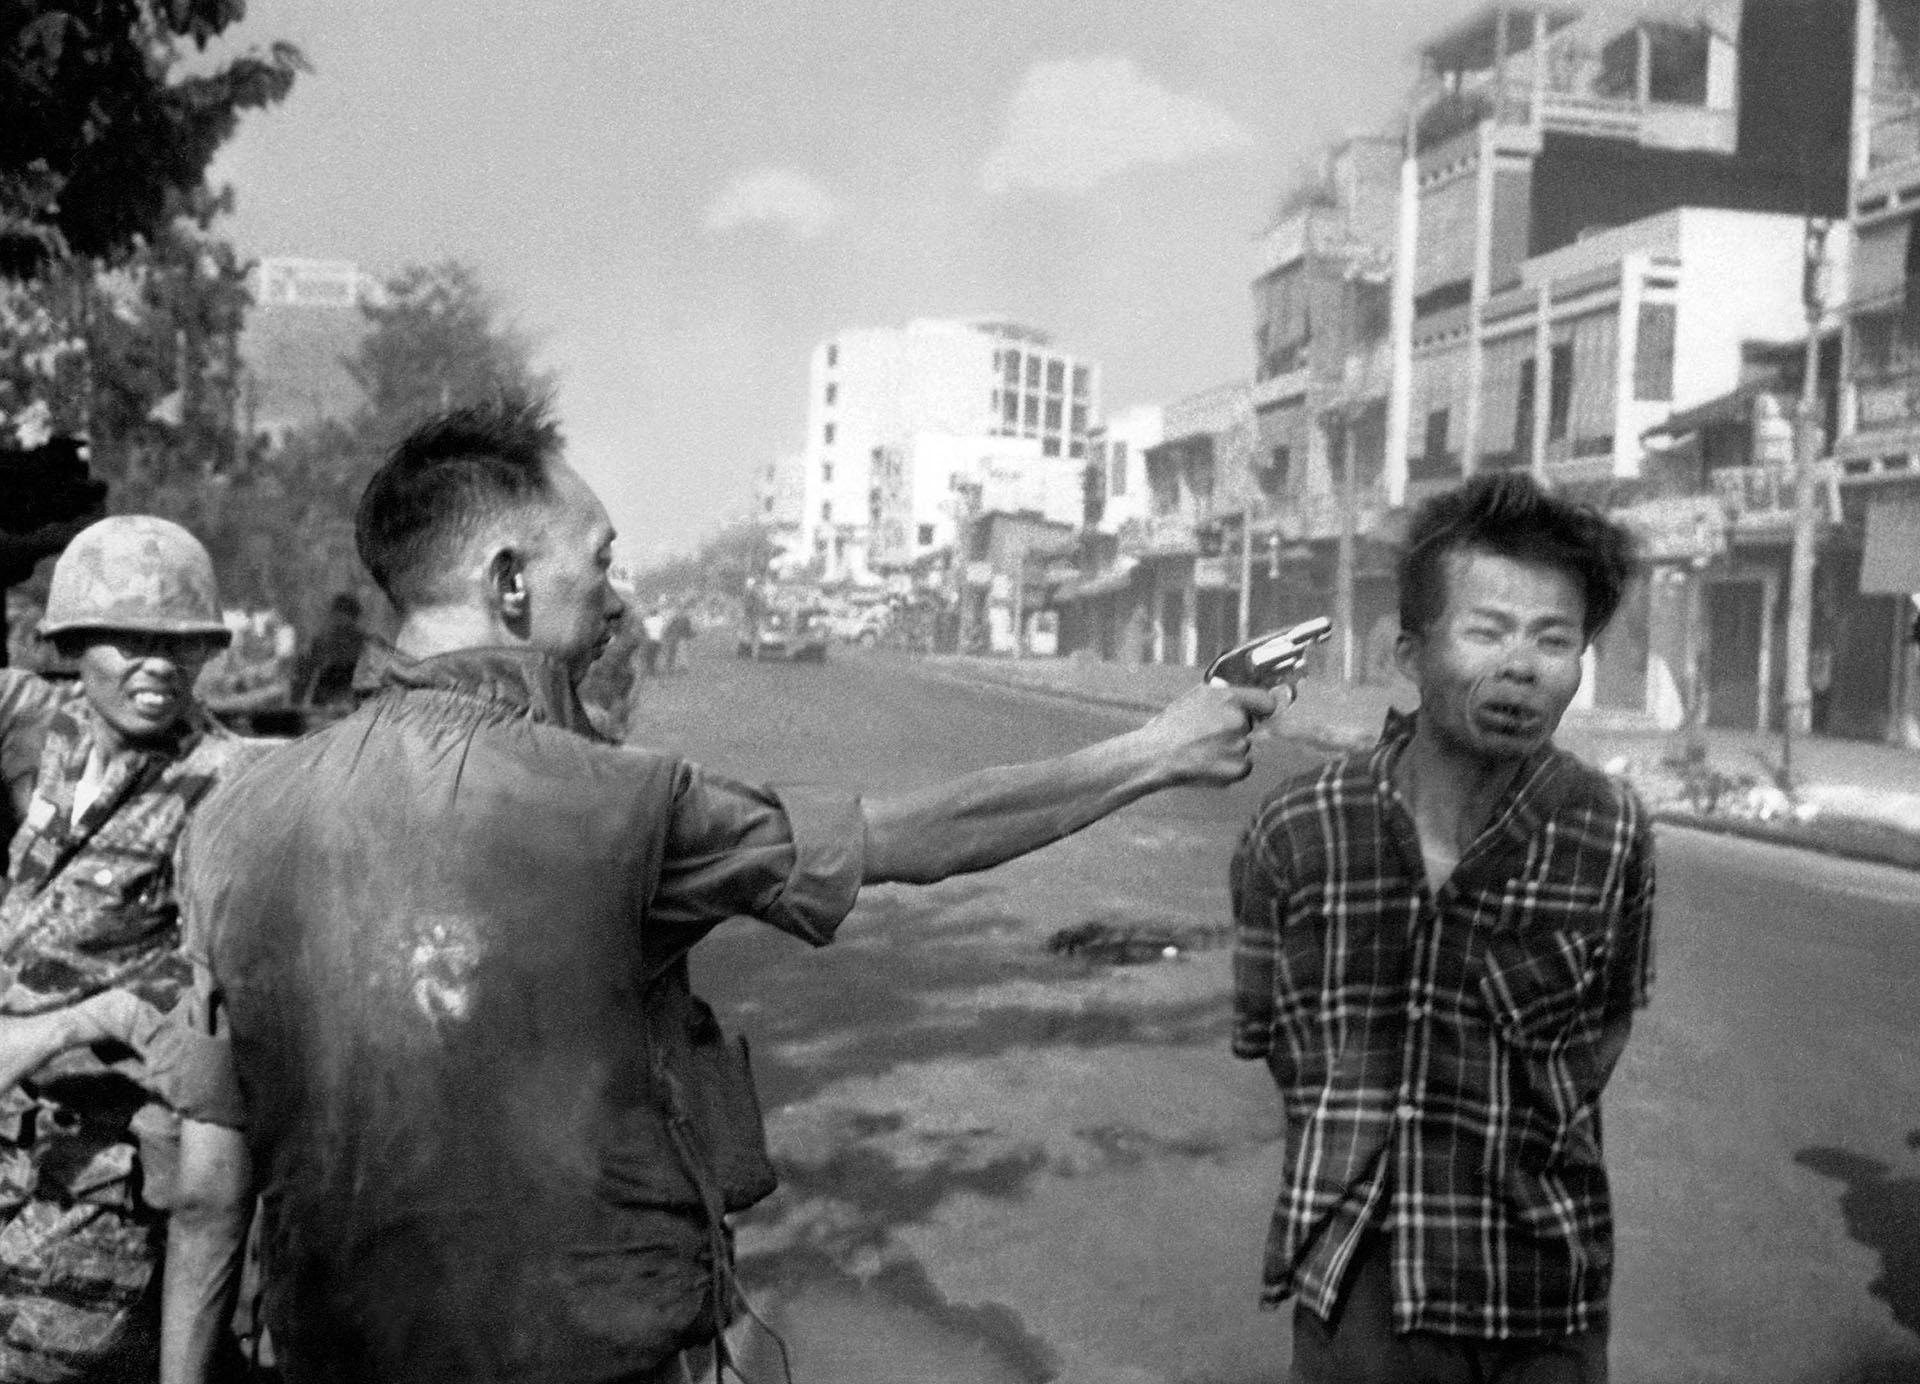 Una icónica y brutal imagen de la Ofensiva del Tet. El general Nguyen Ngoc Loan, de Vietnam del Sur, ejecuta con su revolver a Nguyen Van Lem, sospechado agente del Viet Cong comunista (AP/Eddie Adams)